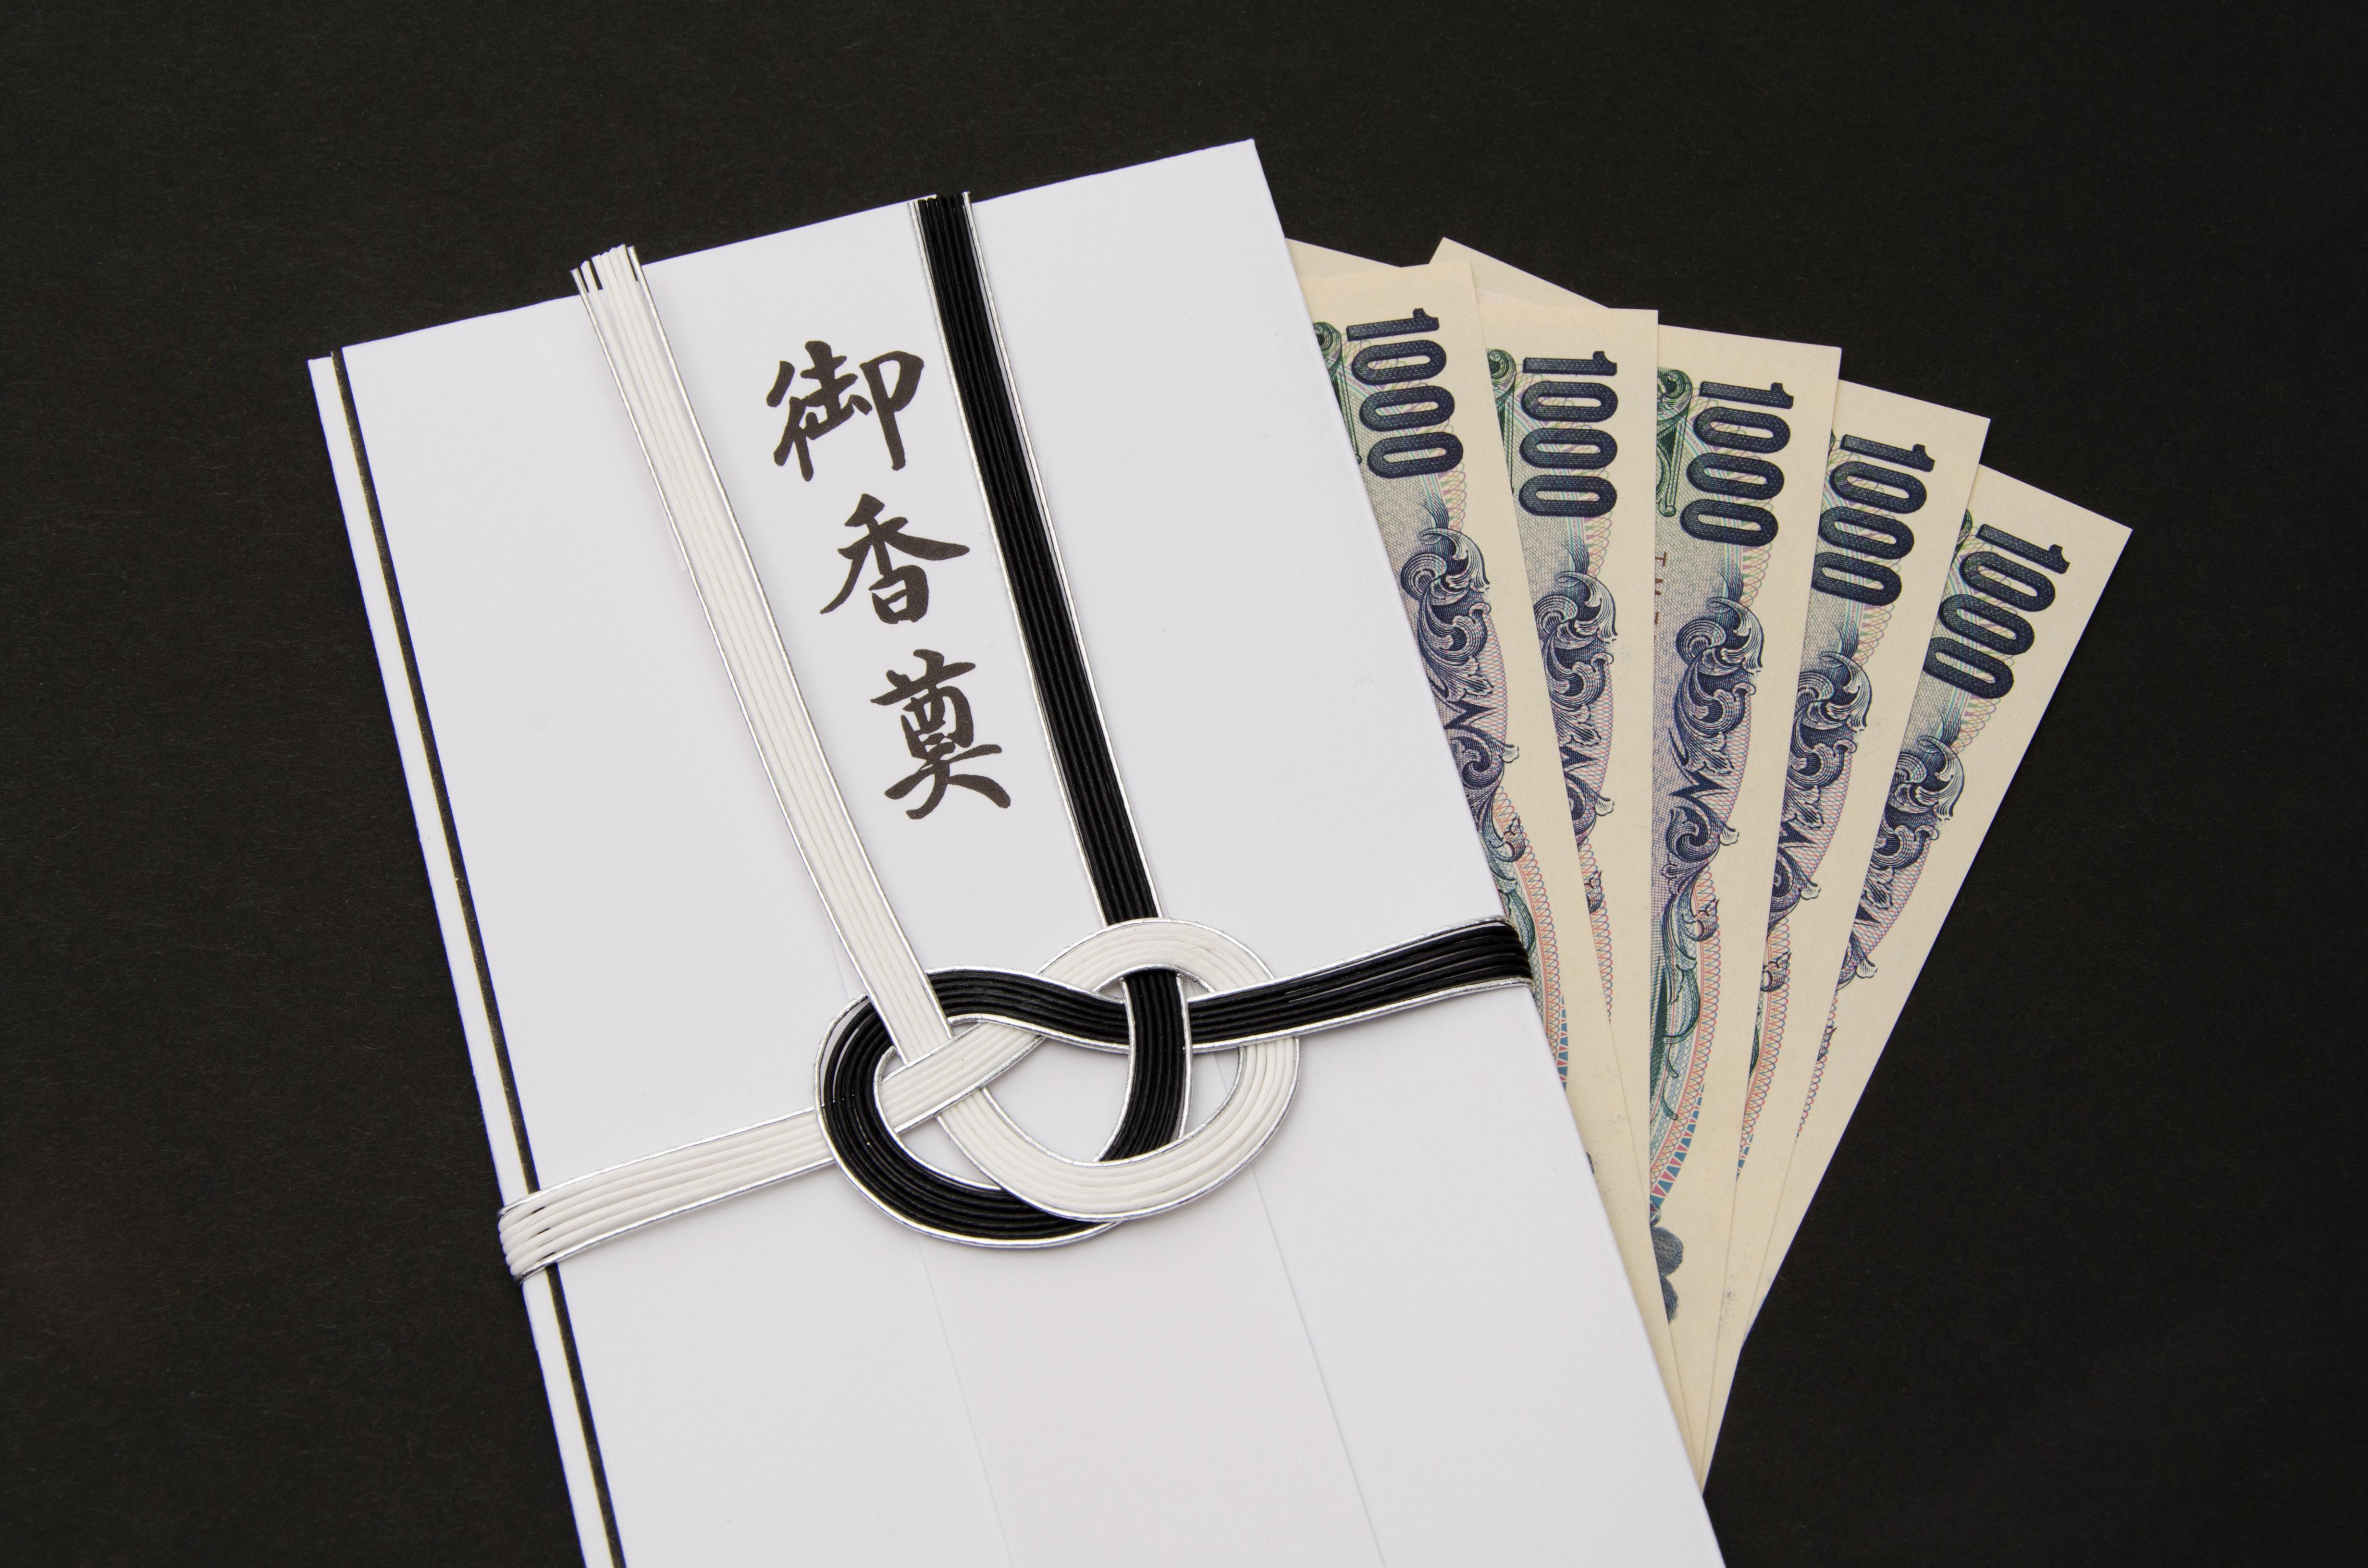 香典の金額の相場を調査!書き方・入れ方・渡し方などの葬儀マナーも紹介!